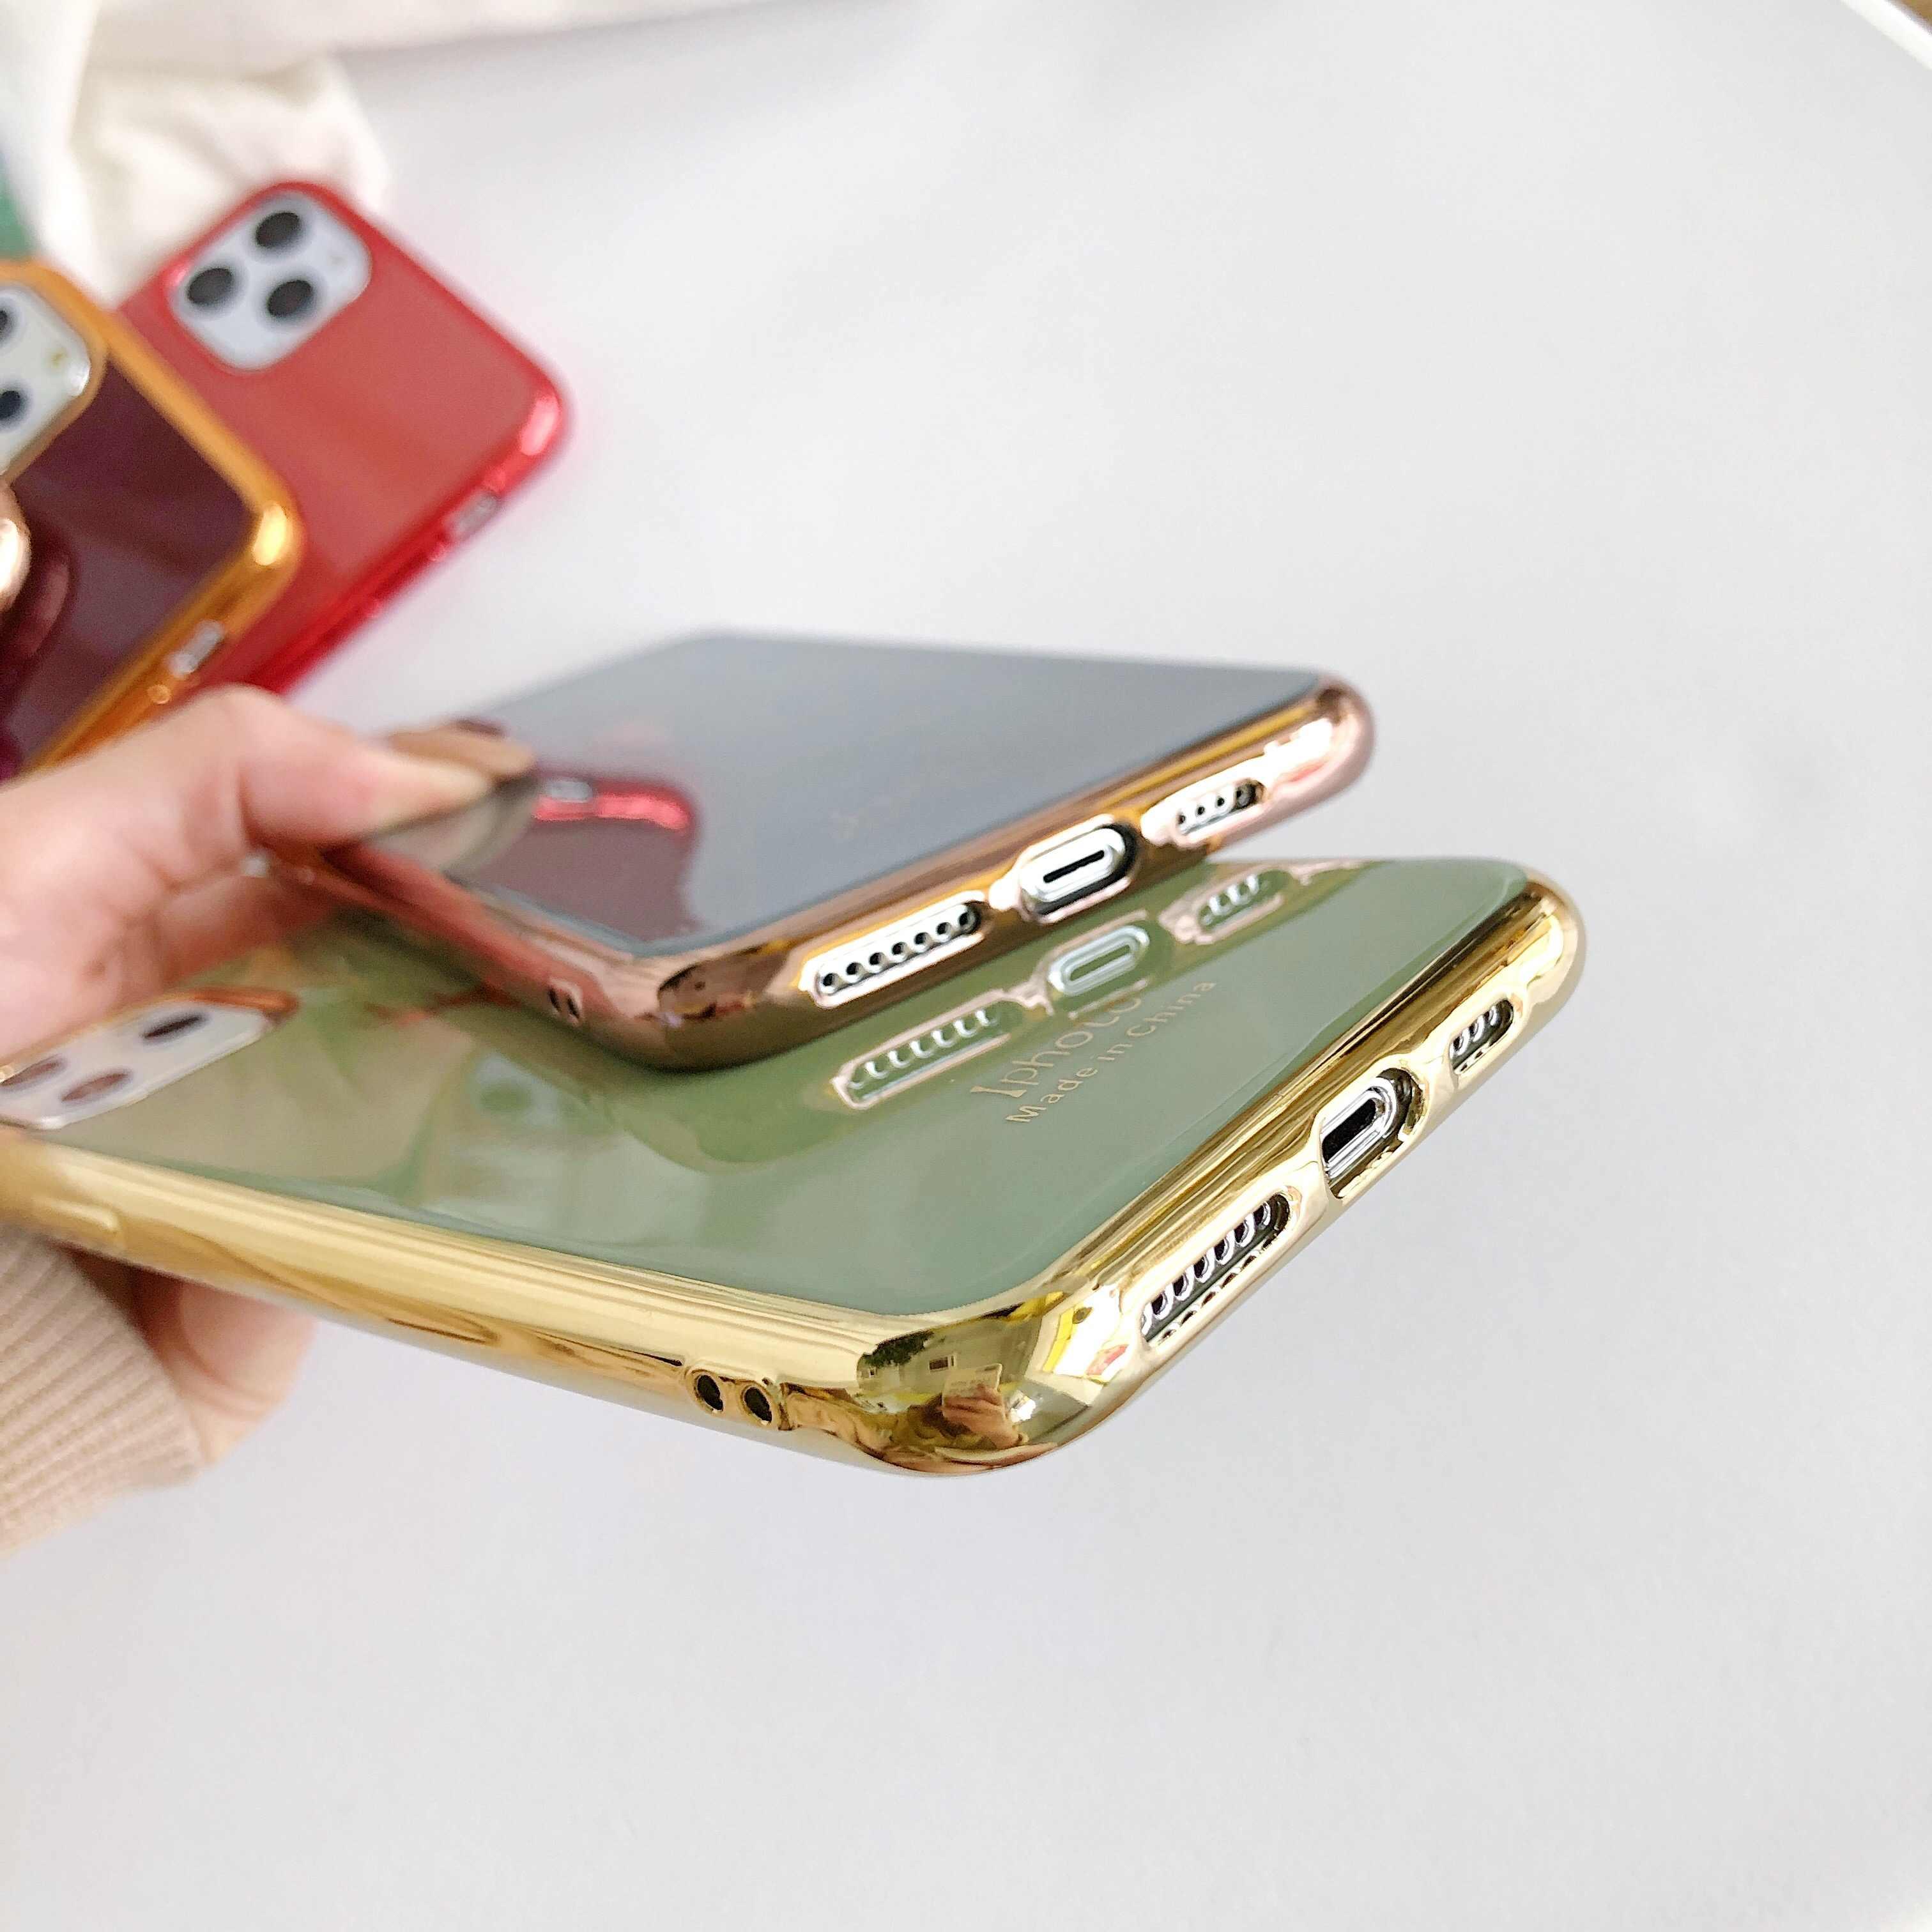 Lüks kaplama TPU yumuşak telefon iPhone için kılıf 11 pro Max geyik kafa koruyucu kapak iPhone 6 6S 7 8 artı X XR XS MAX kılıfları